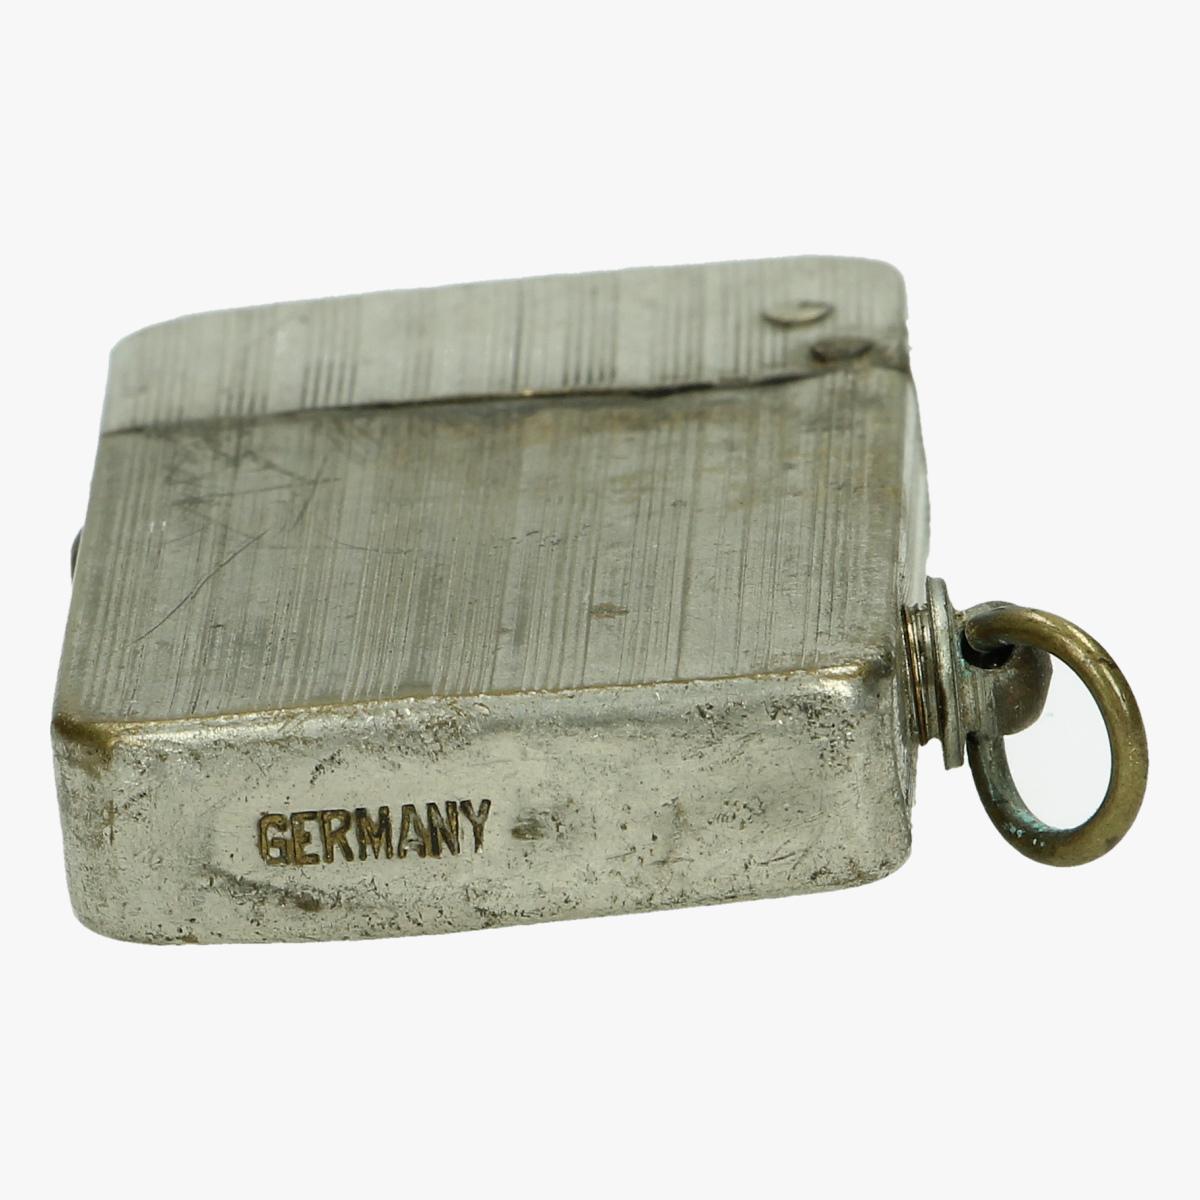 Afbeeldingen van oude aansteker made germany